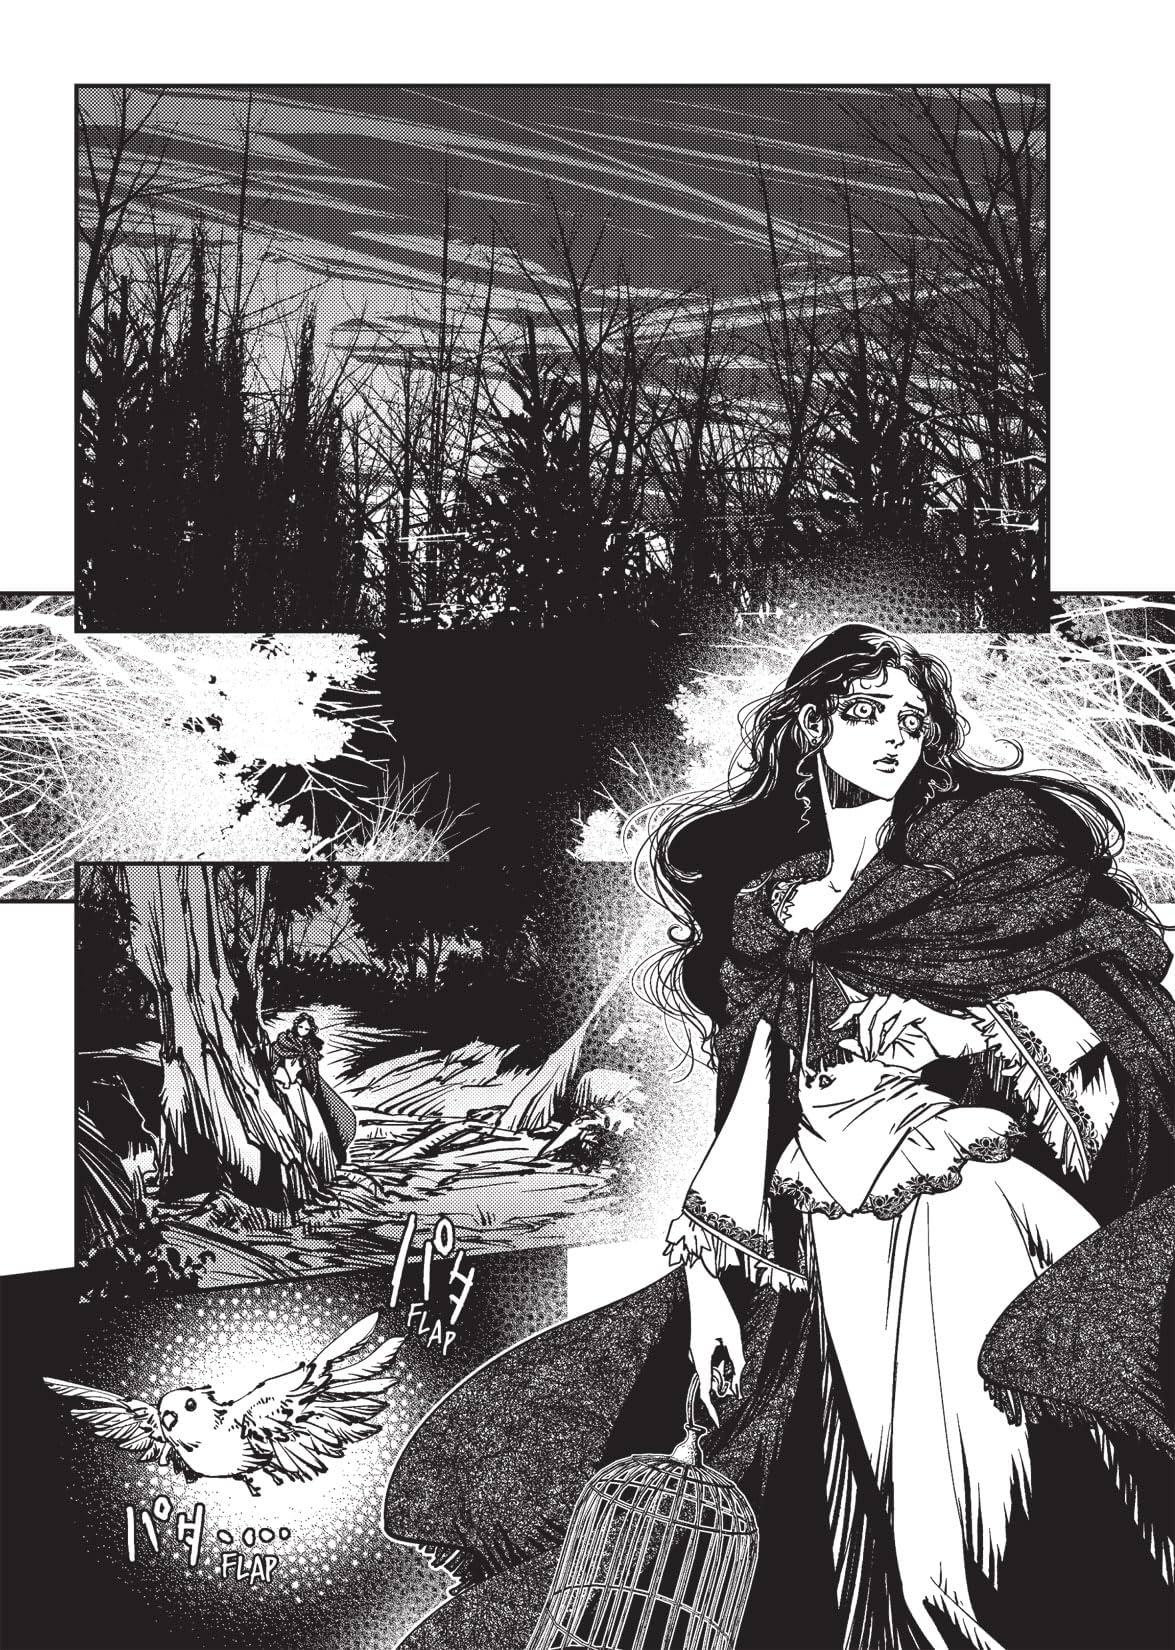 Hideyuki Kikuchi's Vampire Hunter D Vol. 3: Preview